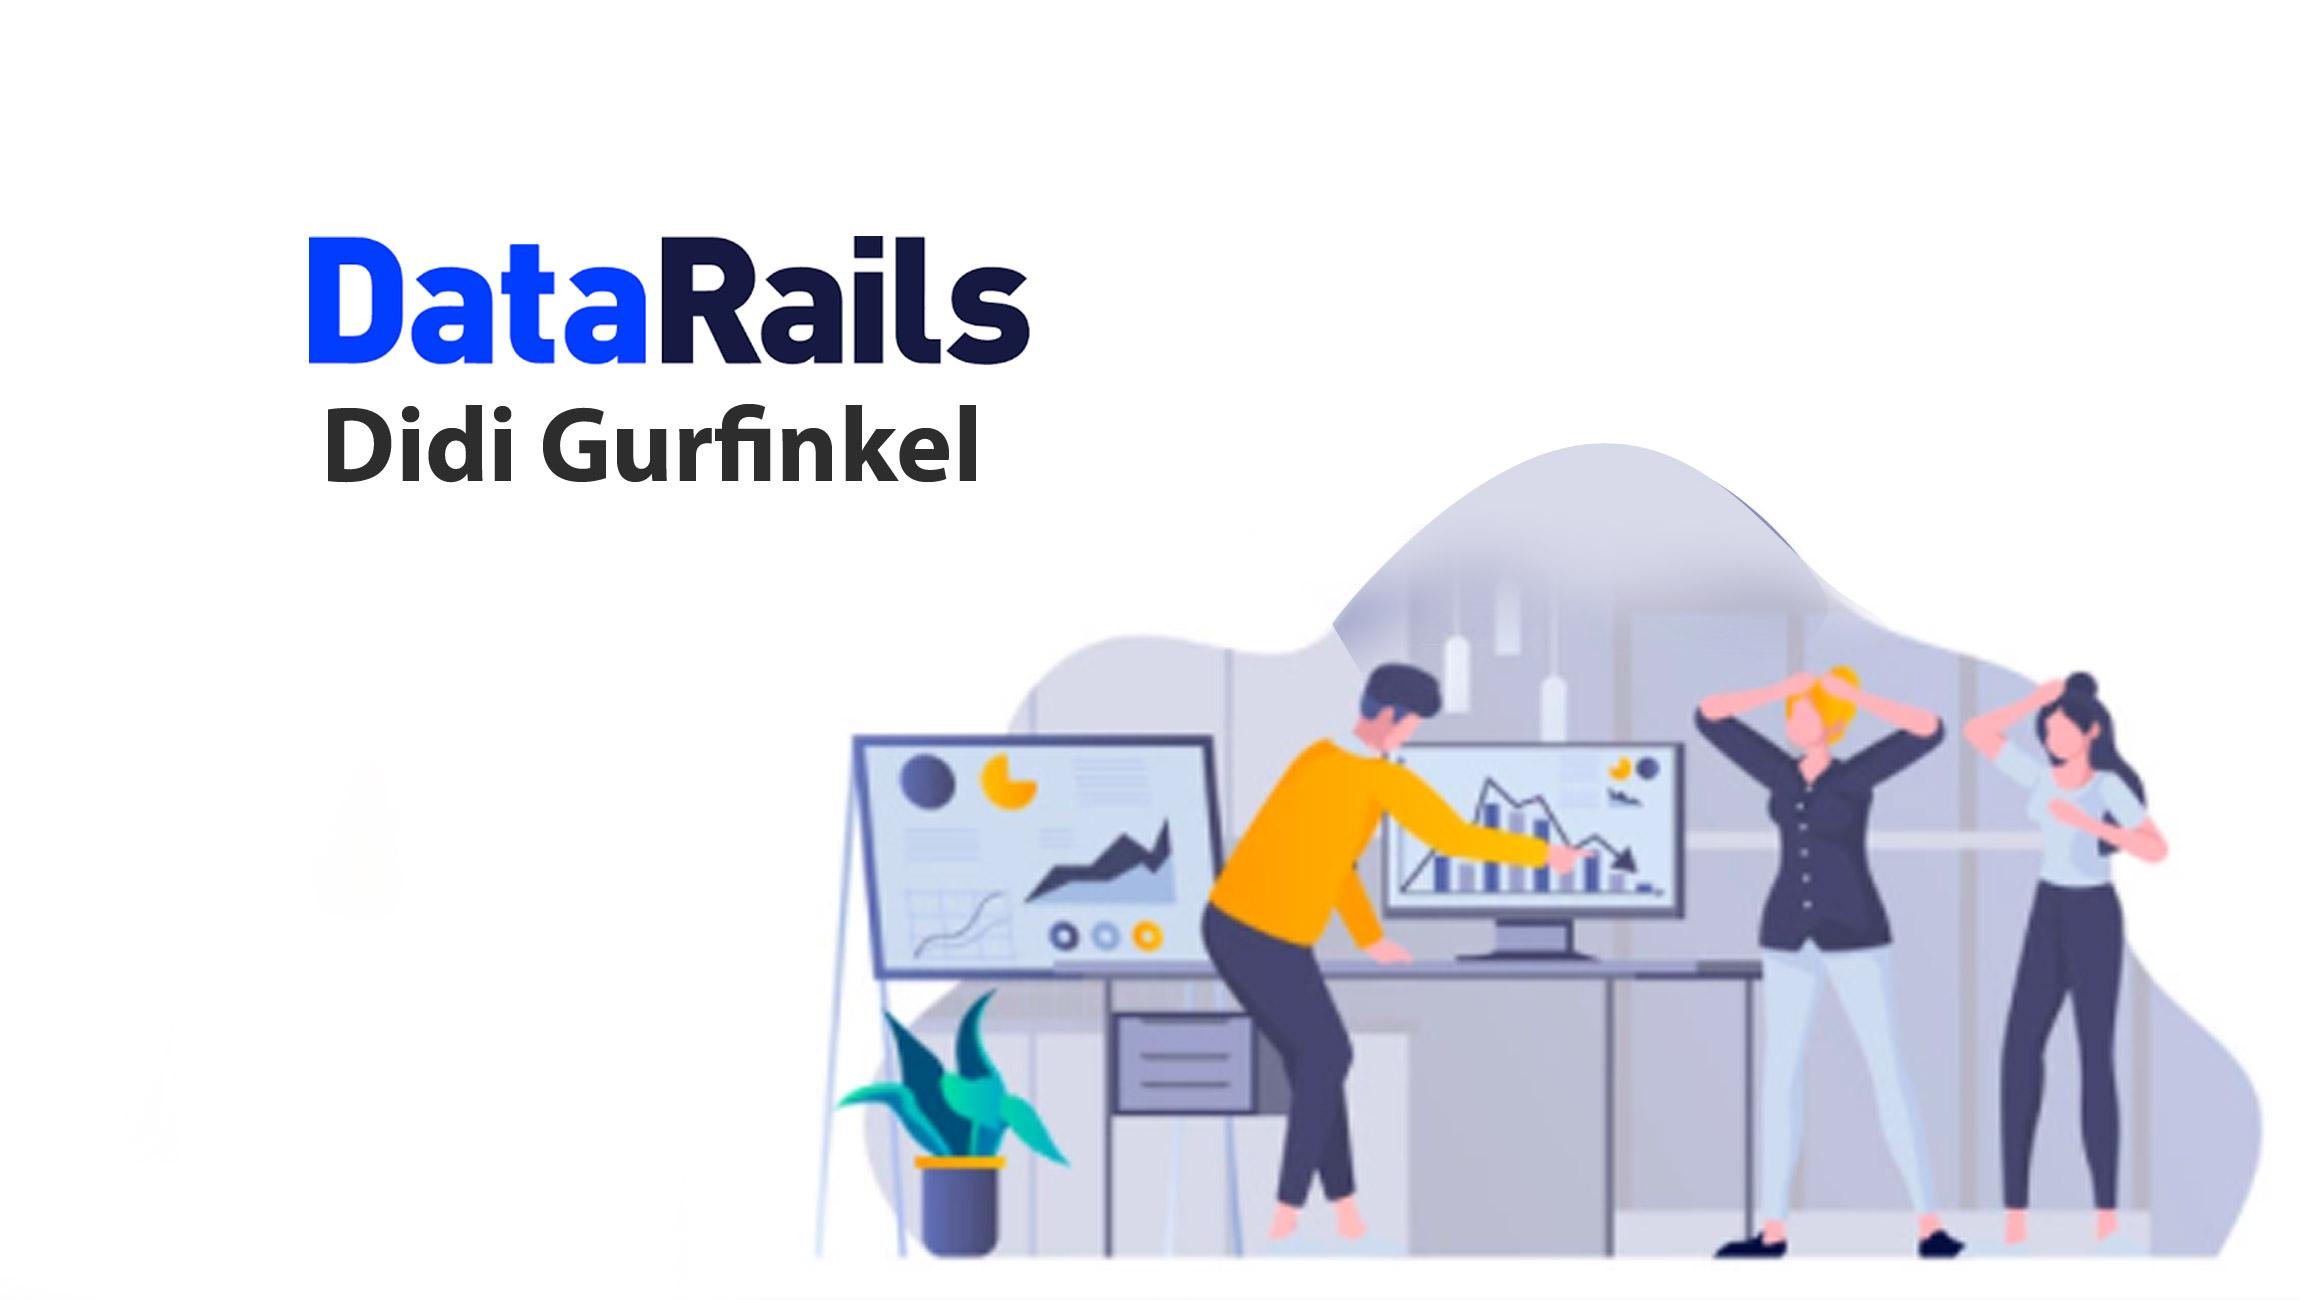 Didi-Gurfinkel_SalesTechStar-guest-DataRails